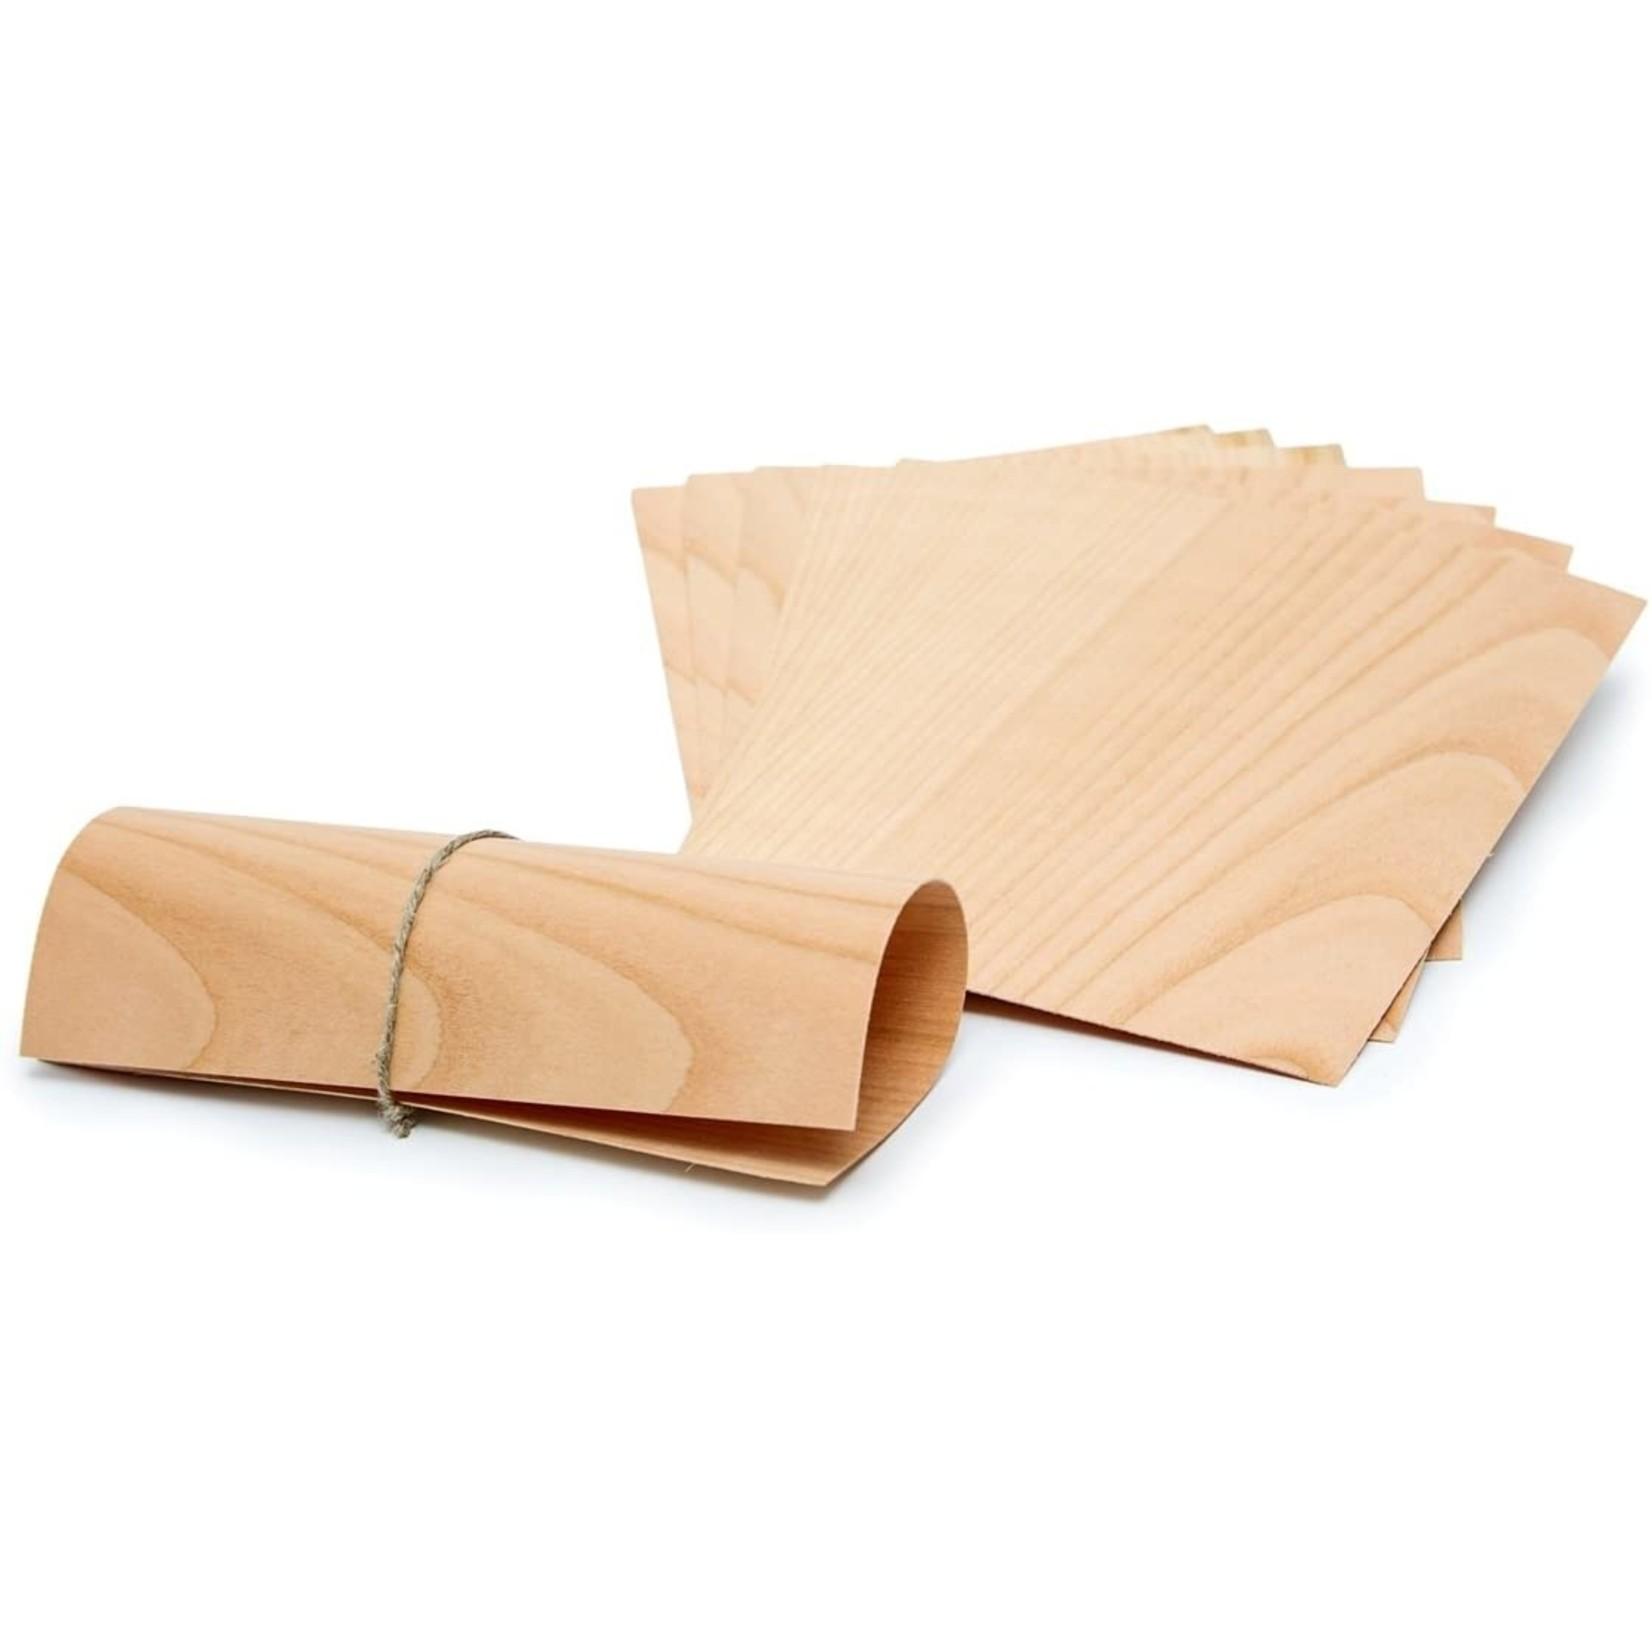 Axtschlag Axtschlag wood bbq papers Western Red Cedar